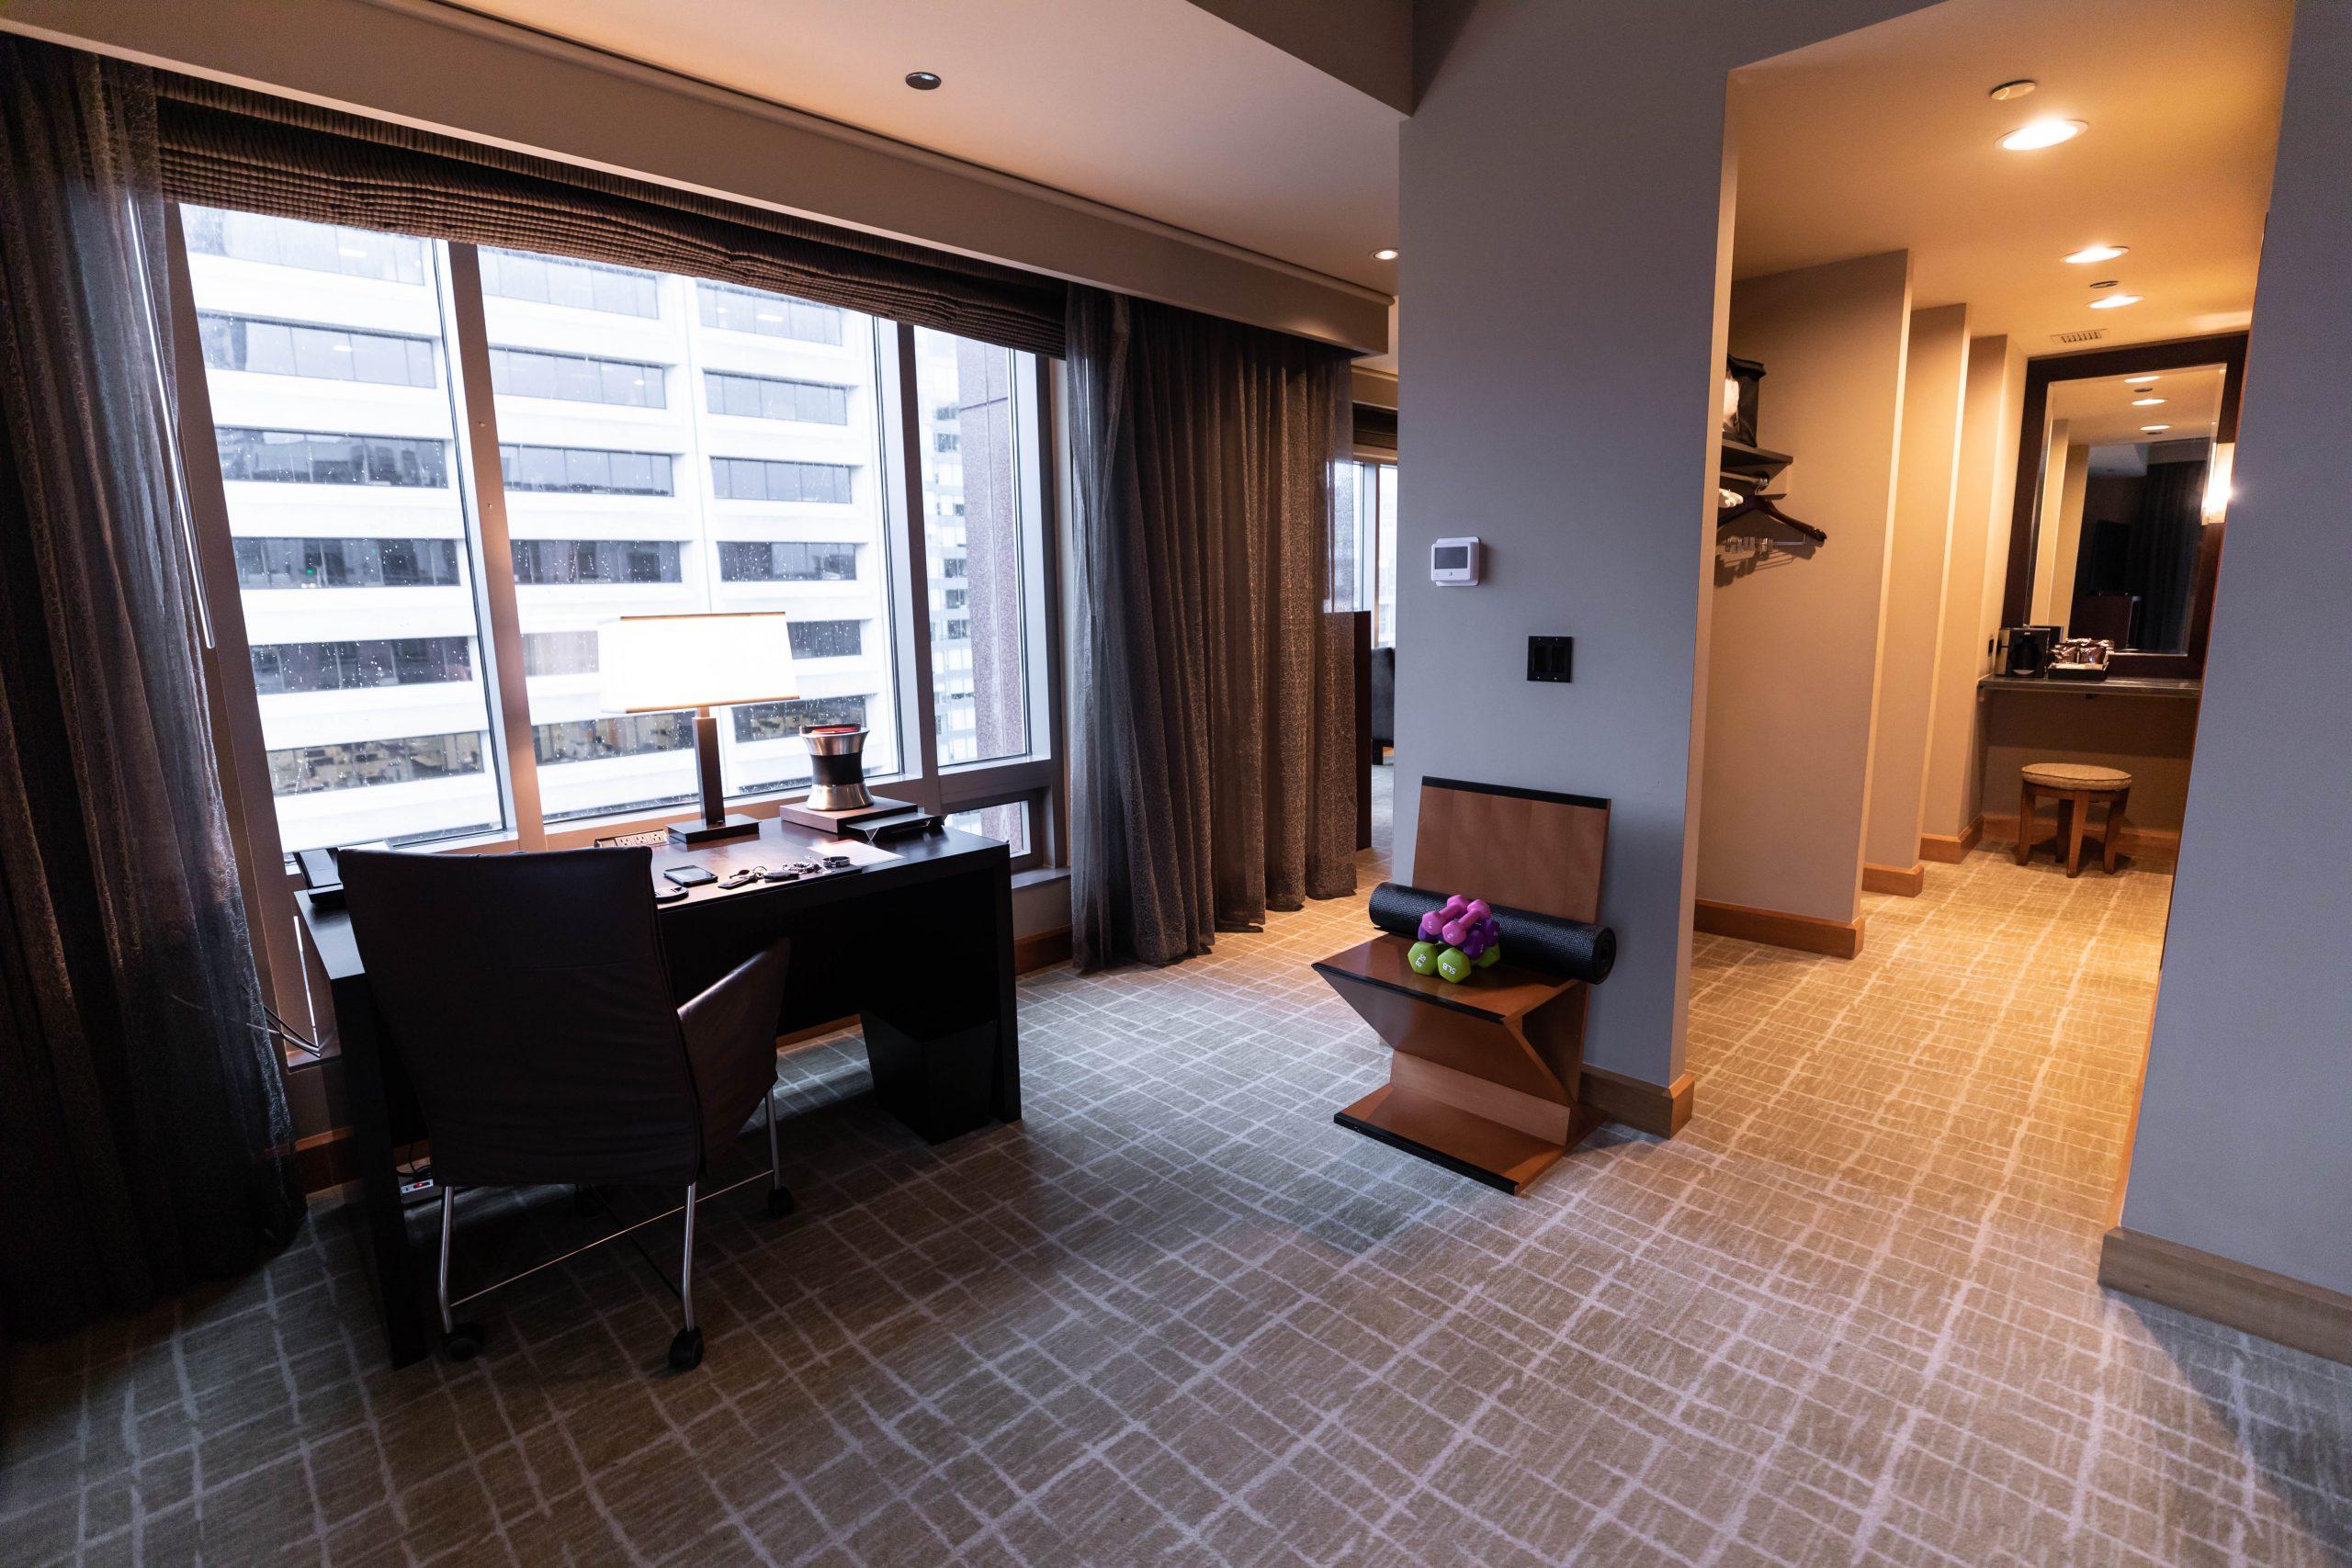 Emerald Suite Grand Hyatt Seattle Washington by Annie Fairfax